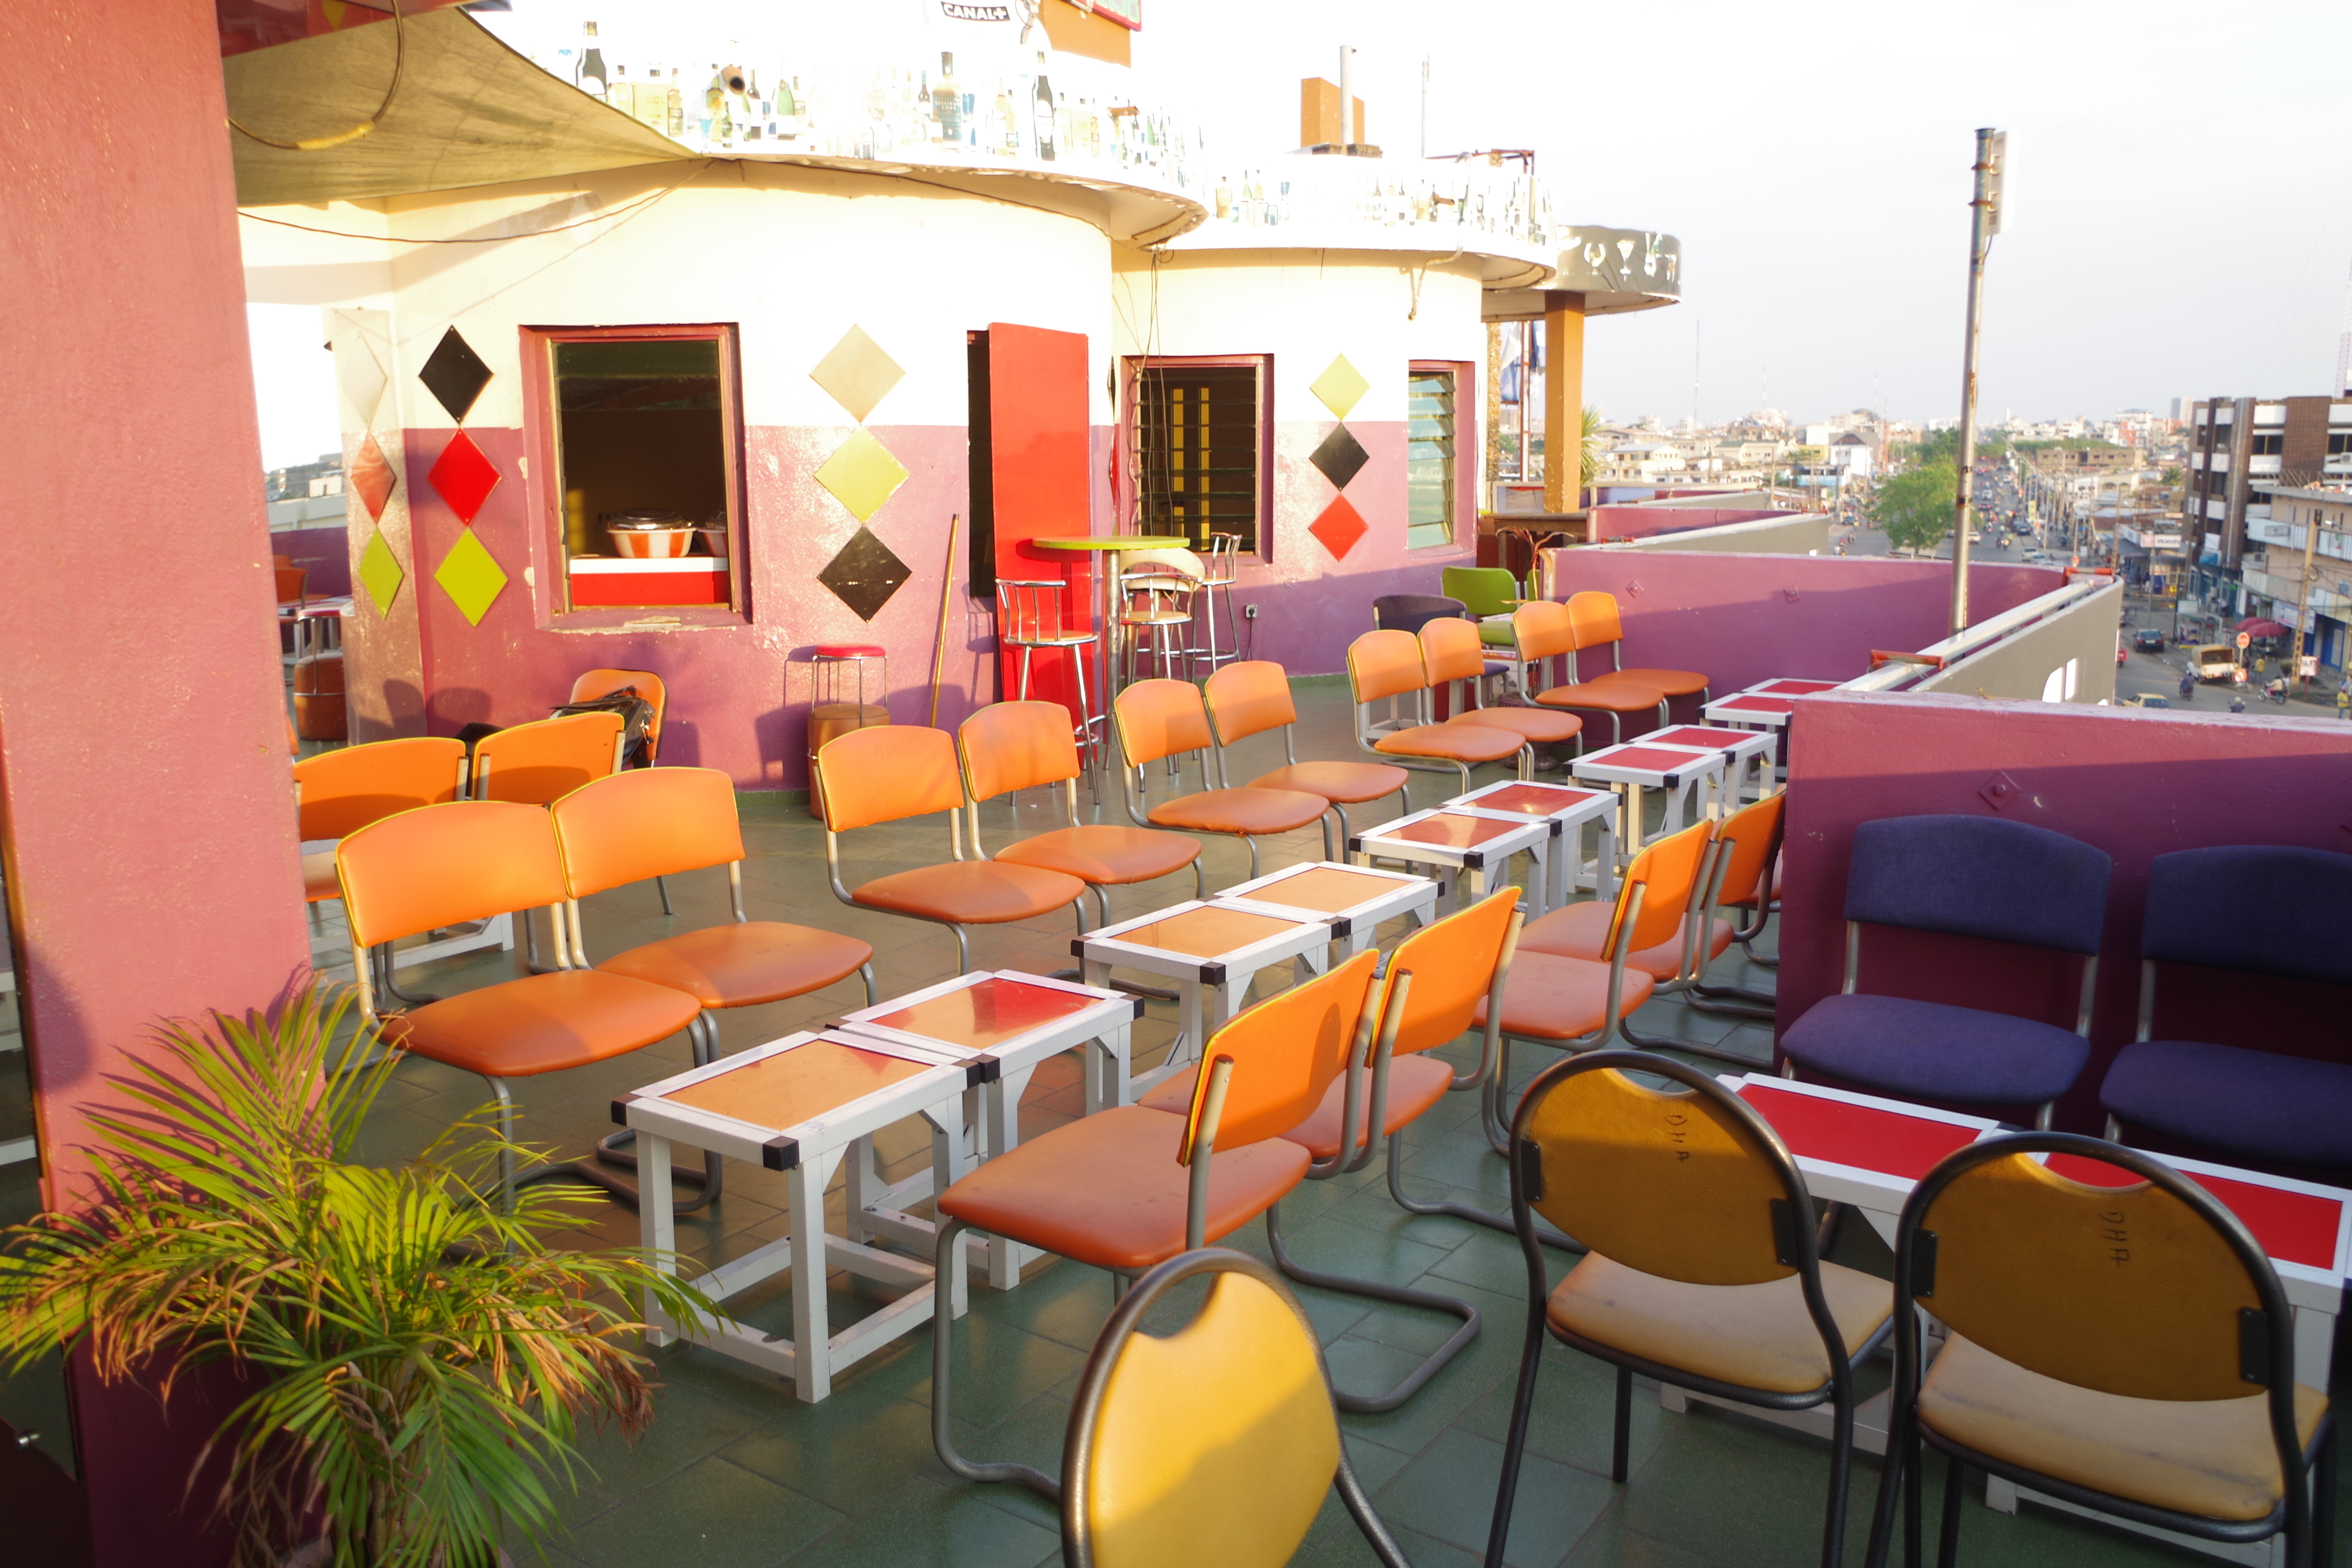 Interieur D Un Bar file:intérieur d'un bar restaurant a cotonou au bénin